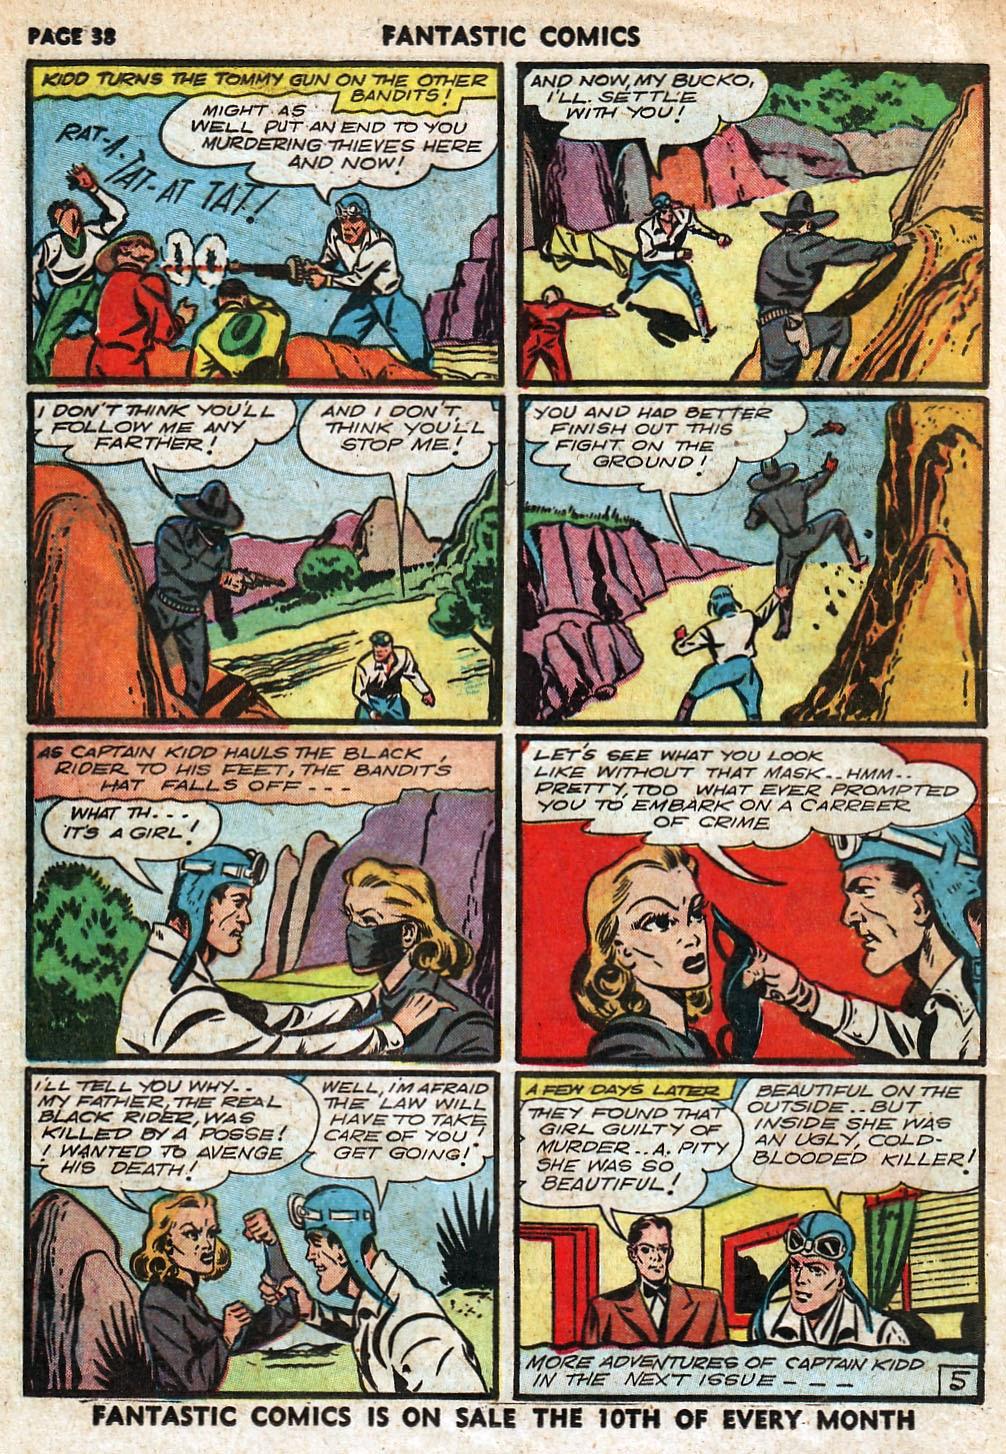 Read online Fantastic Comics comic -  Issue #18 - 40